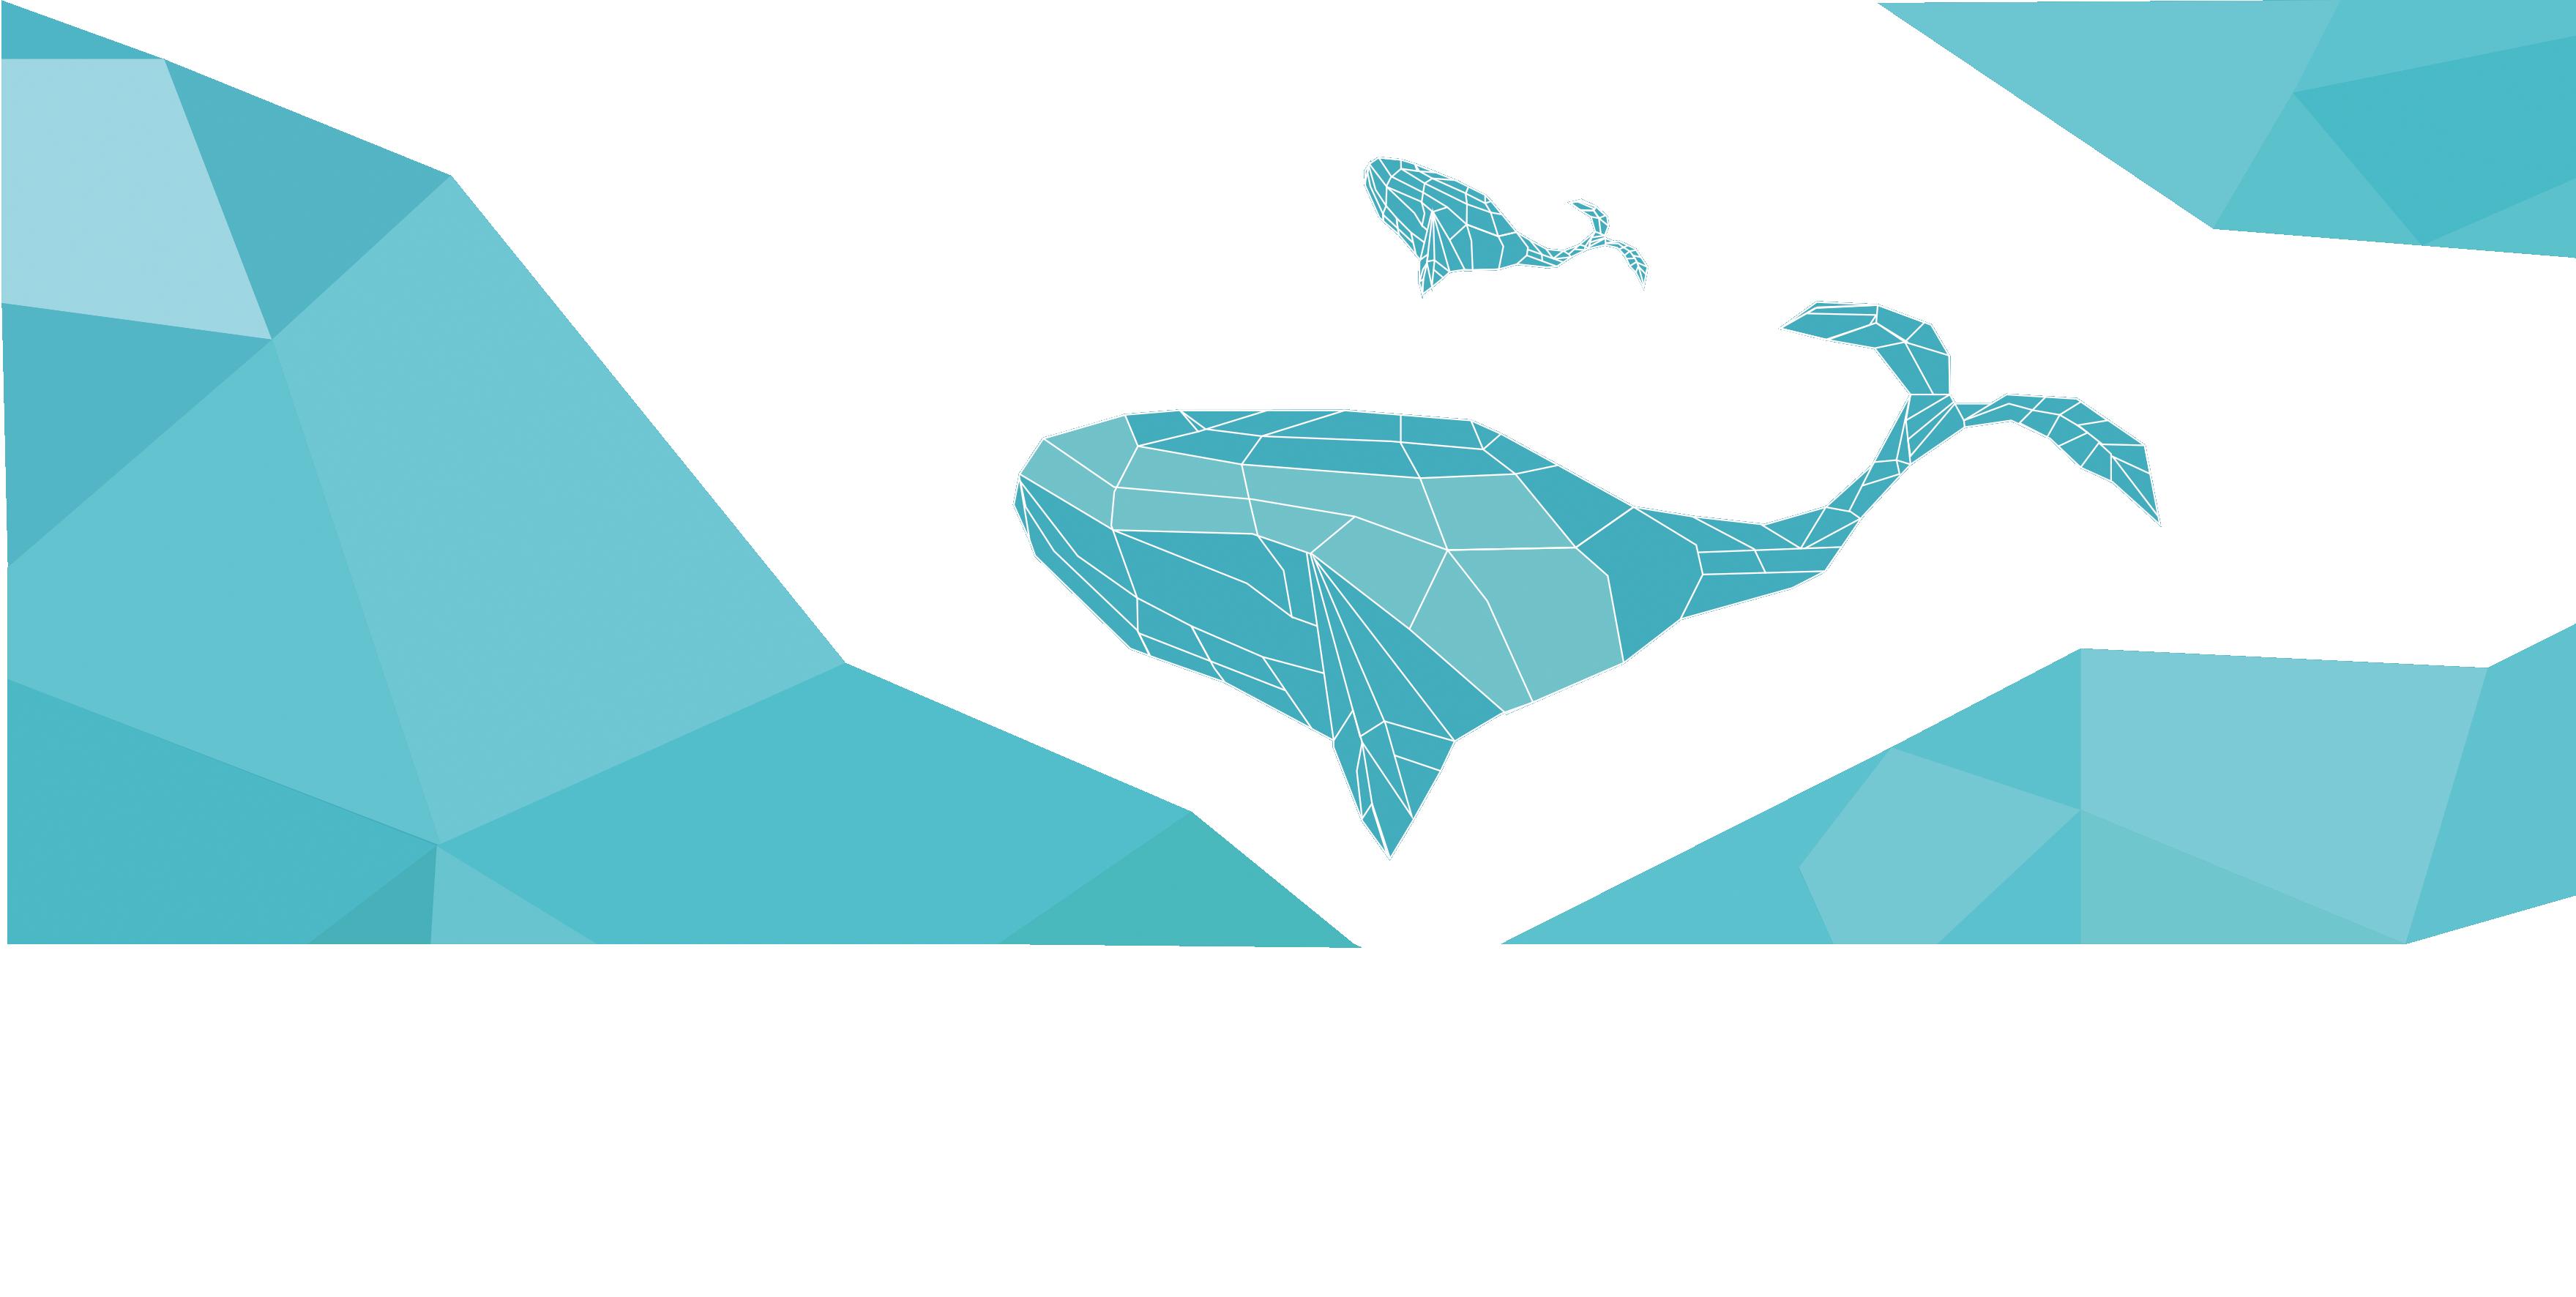 3519x1772 Euclidean Vector Blue Whale